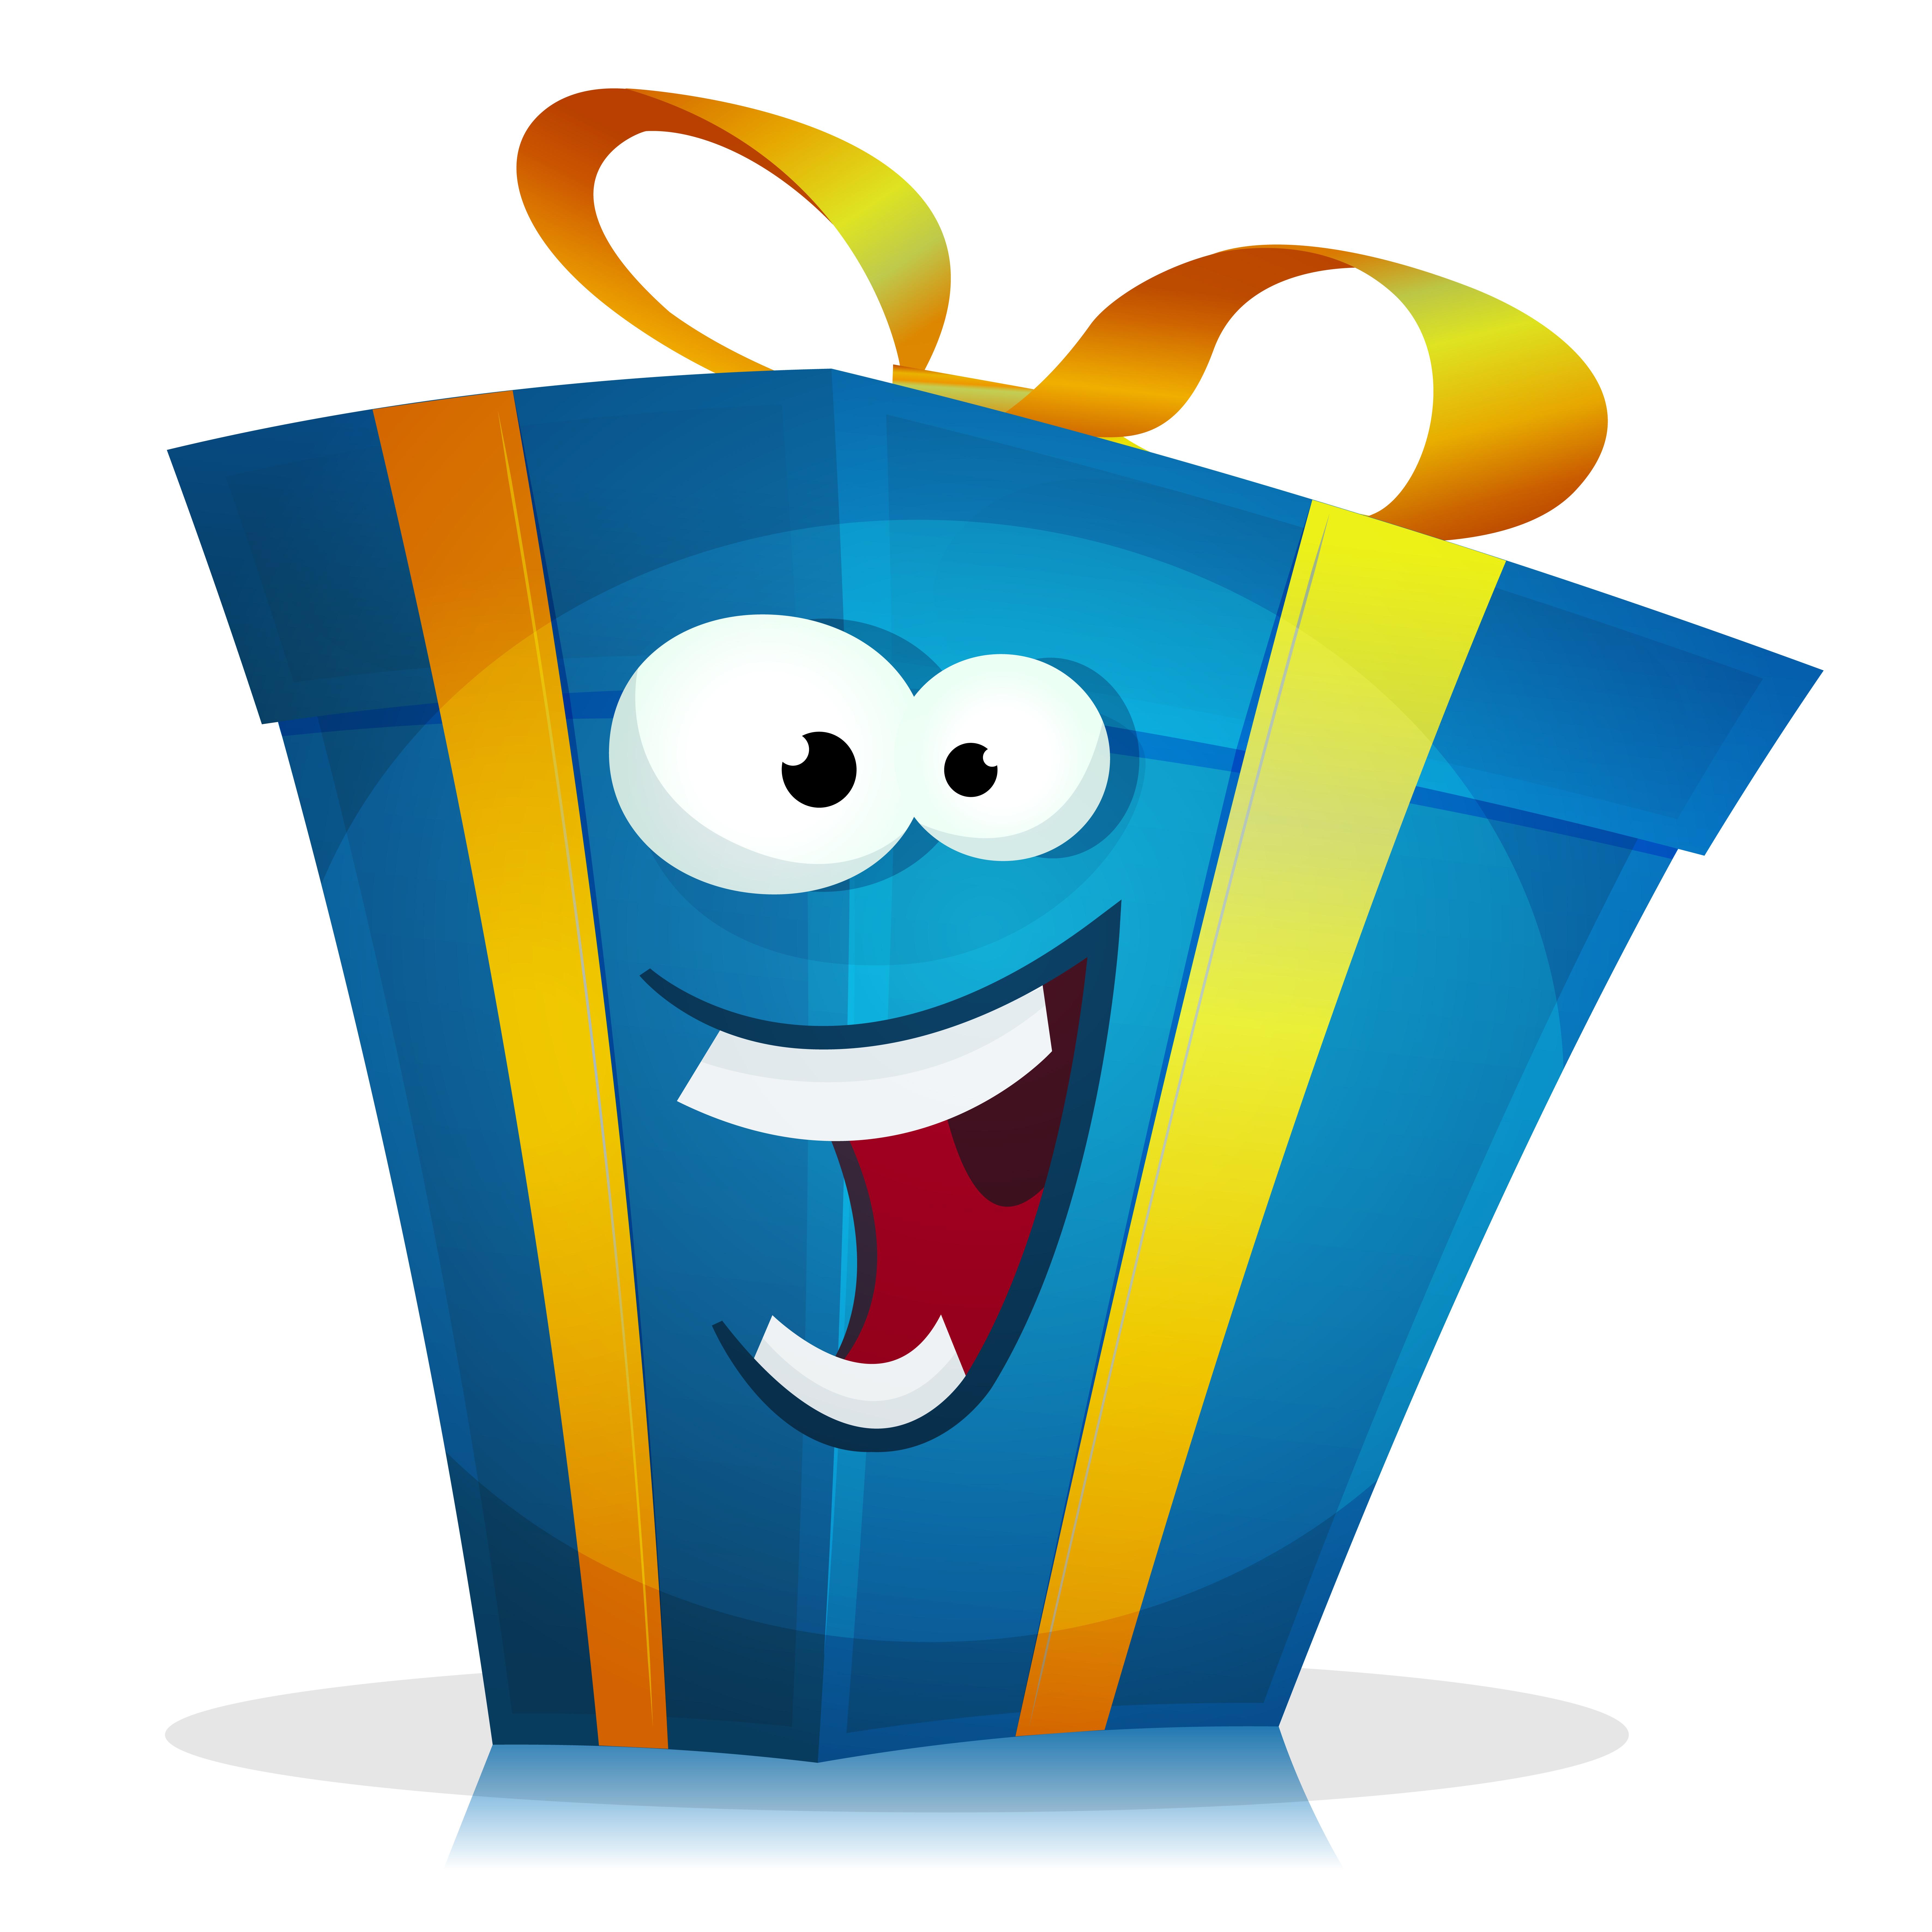 DankeDir! Pizzaland Ortsschild - Pizza Kunststoff Schild,  Lustiges/persönliches Geschenk für sie/ihn - süße Deko, Wanddeko, Türschild  Küche/Restaurant, Geschenkidee Geburtstagsgeschenk Frauen/Männer:  Amazon.de: Küche & Haushalt